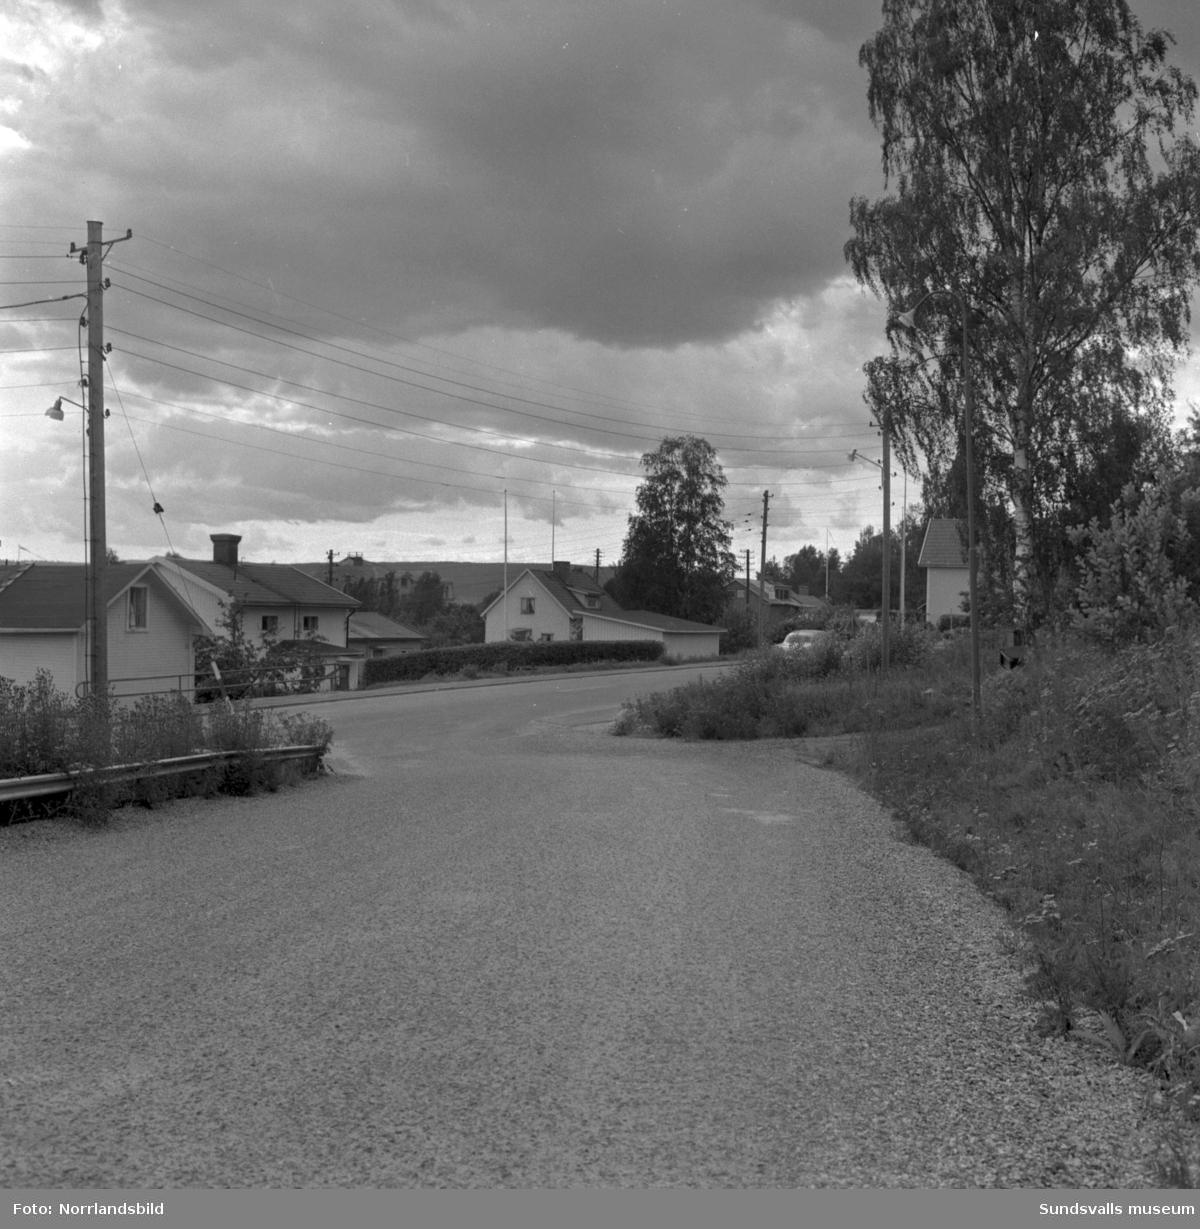 Farliga gatukorsningar, fotograferat för polisen i Skön. 1: Hagavägen/Tegnergatan/Noragatan. 2: Okänt. 3: Tjädervägen/Medborgargatan. 4: Korstavägen/Ortviksvägen.